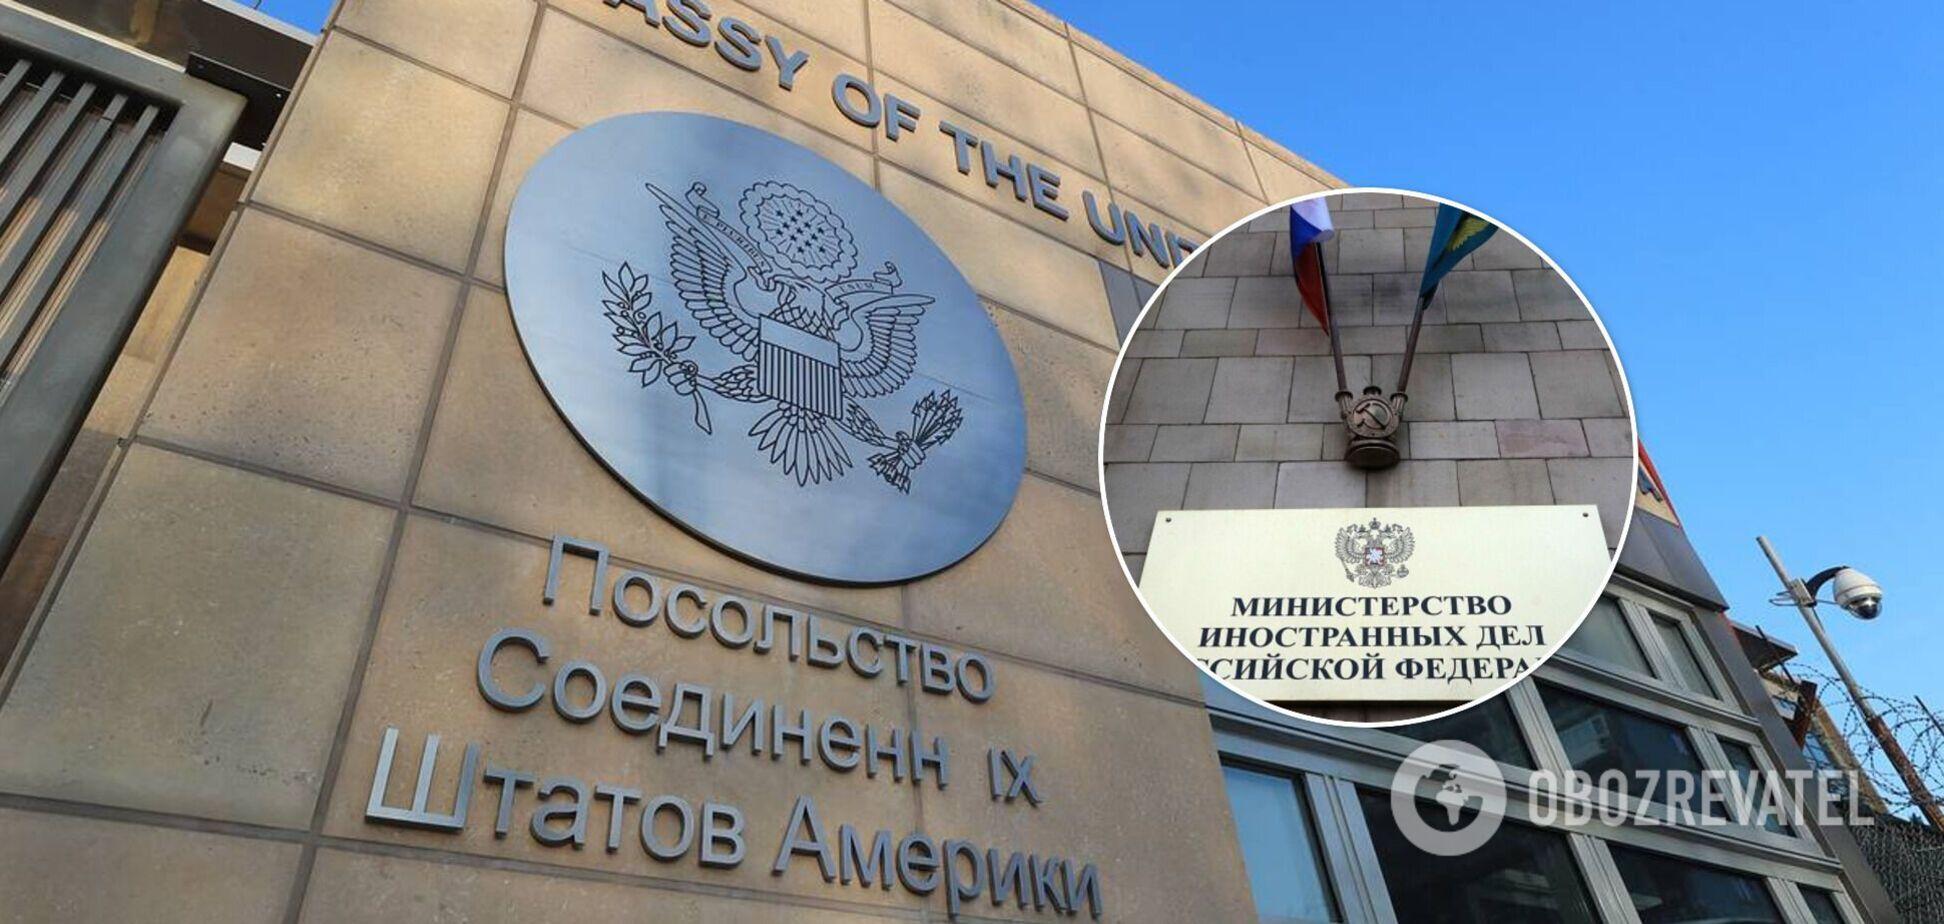 МИД РФ объявило о высылке 10 дипломатов США и анонсировало 'дальнейшие шаги'